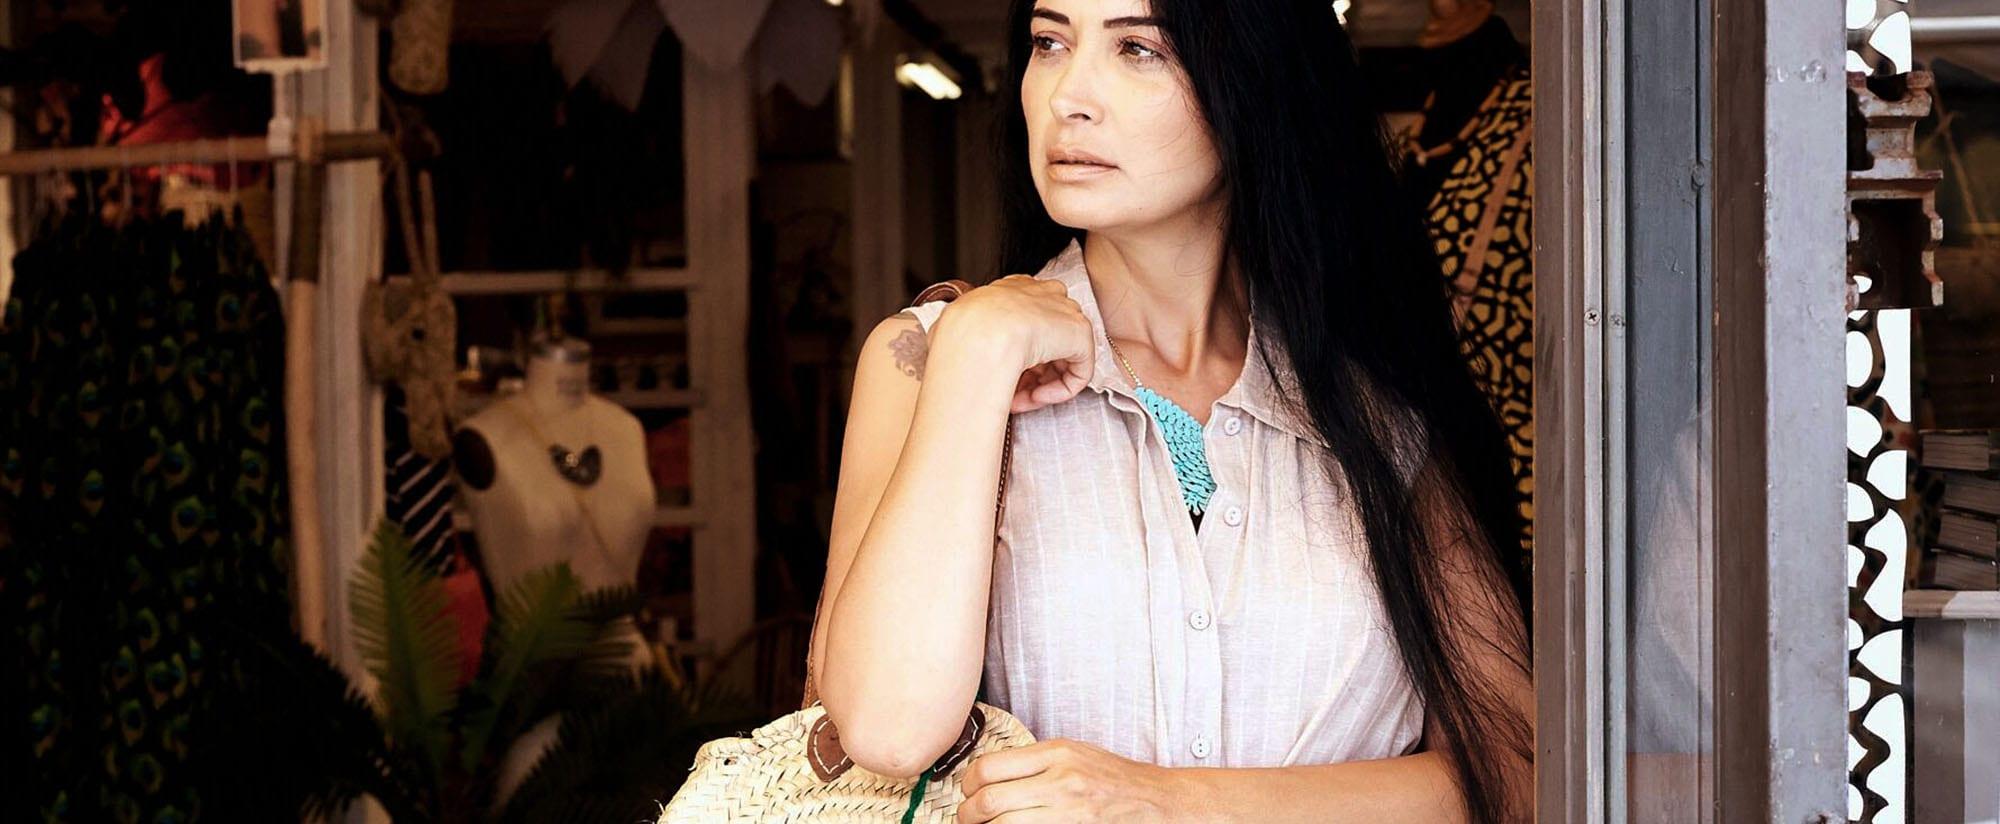 אופנה, מאיה אושרי כהן, שמלת יעלה אבן, סל יבוא אישי ממרוקו קרן שביט צילום kim kandler